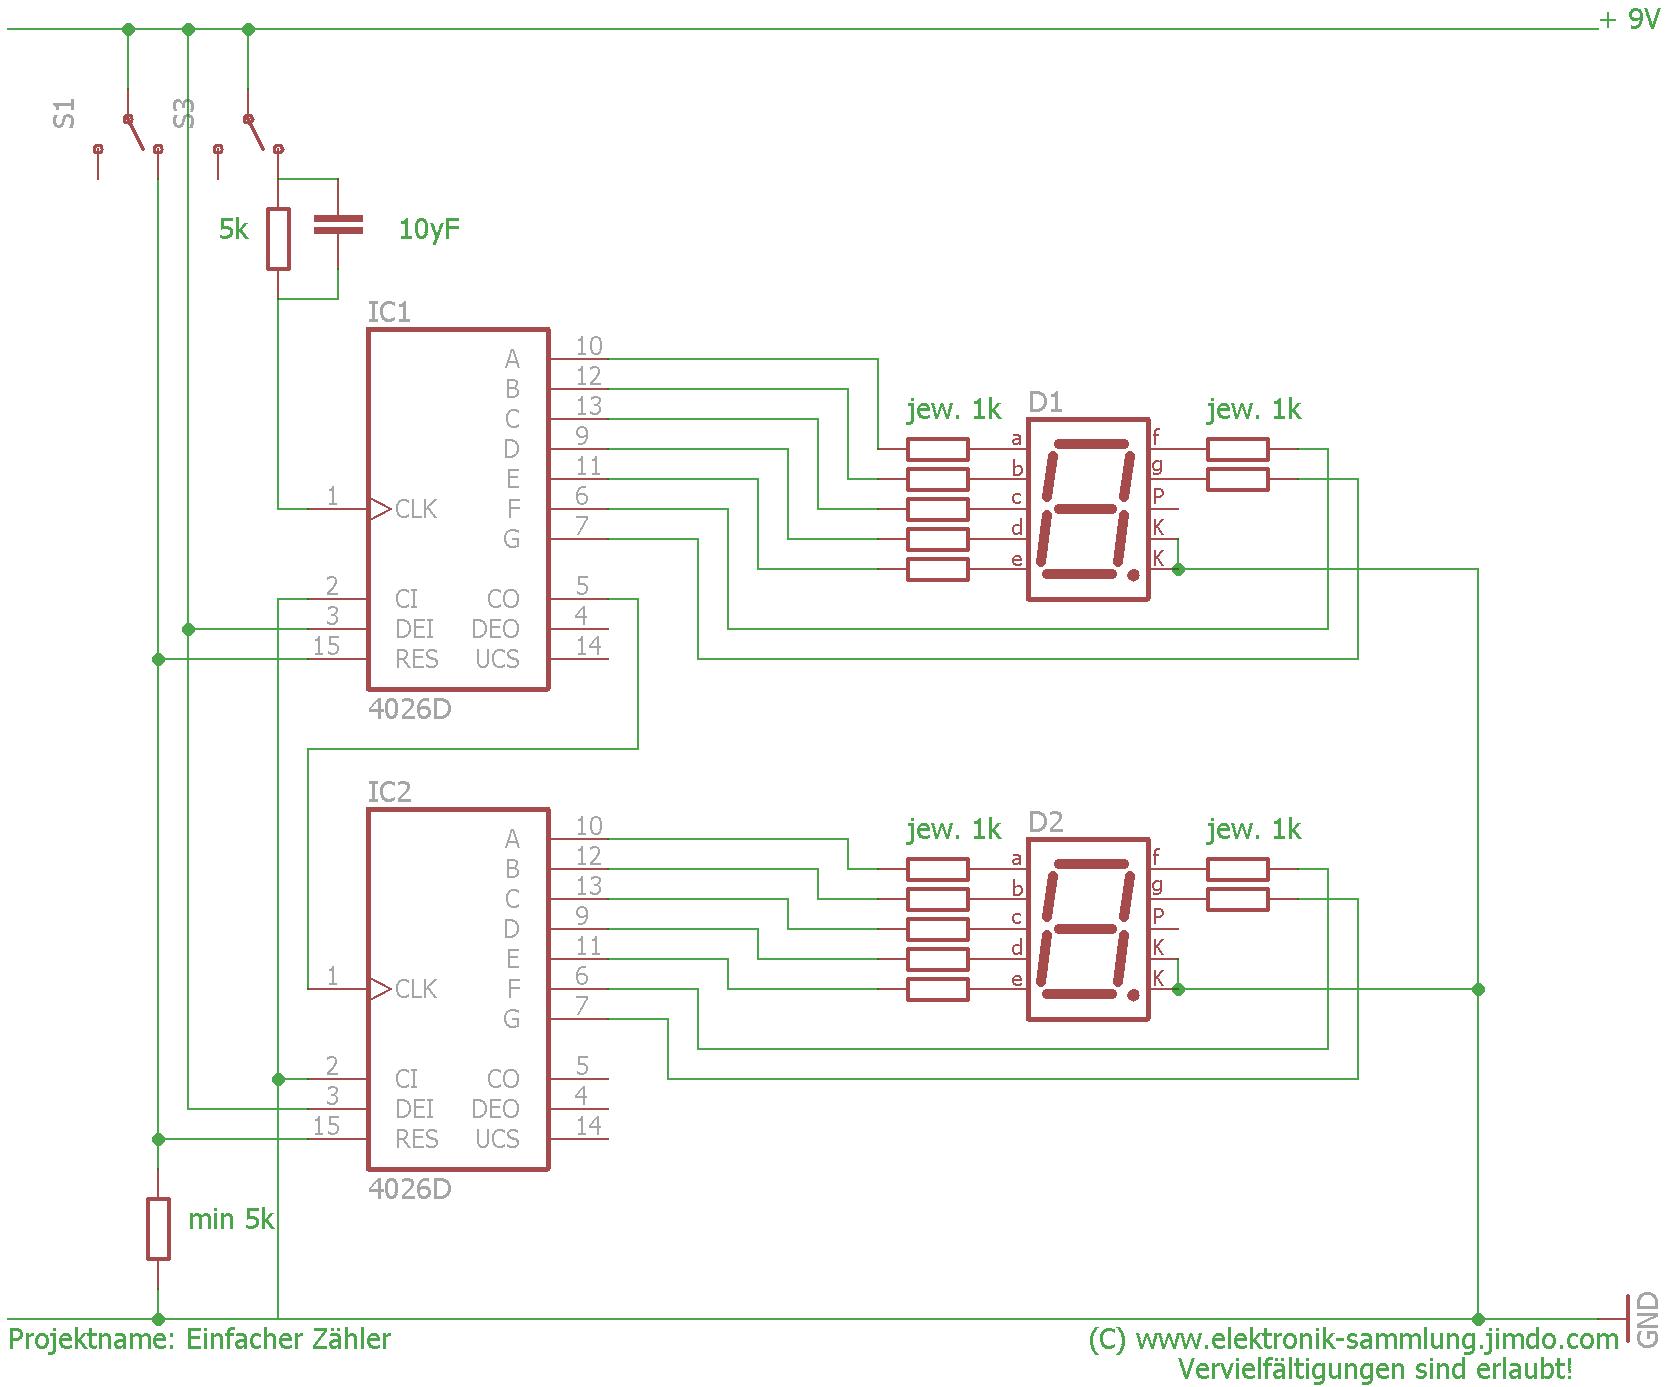 Einfacher Zähler - Elektronik-Sammlung